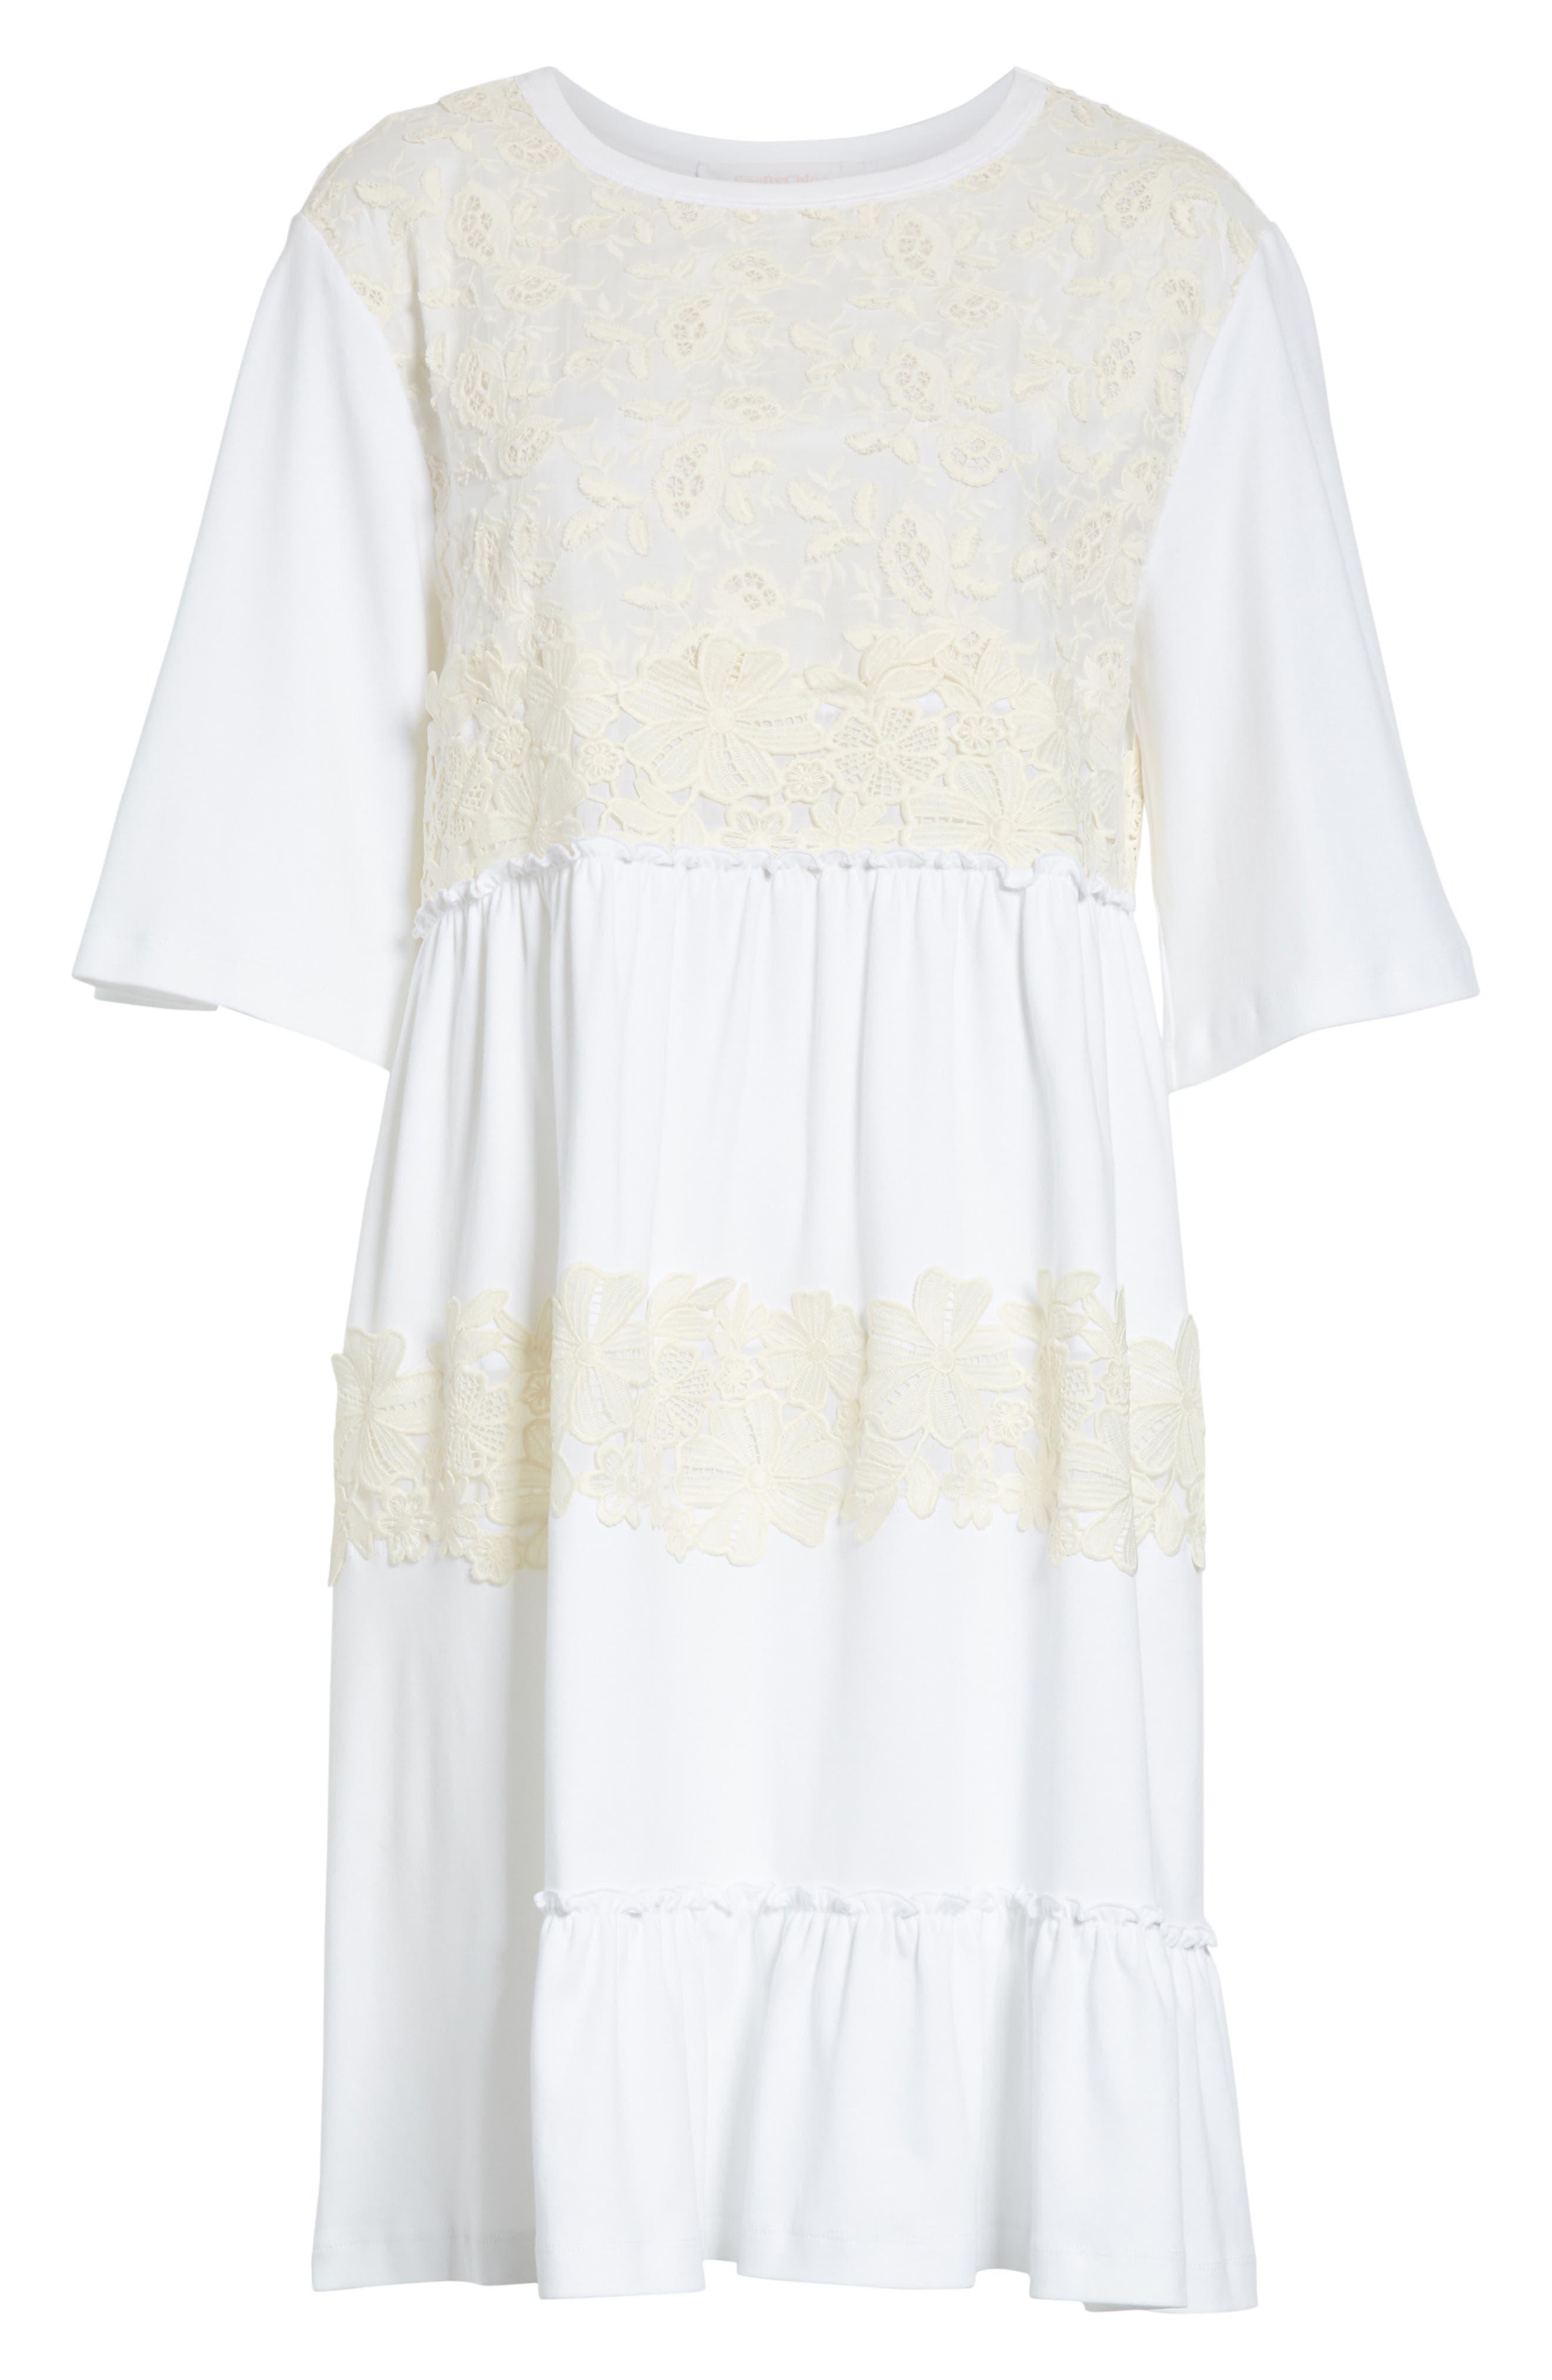 Crochet Panel Dress,                             Alternate thumbnail 6, color,                             White